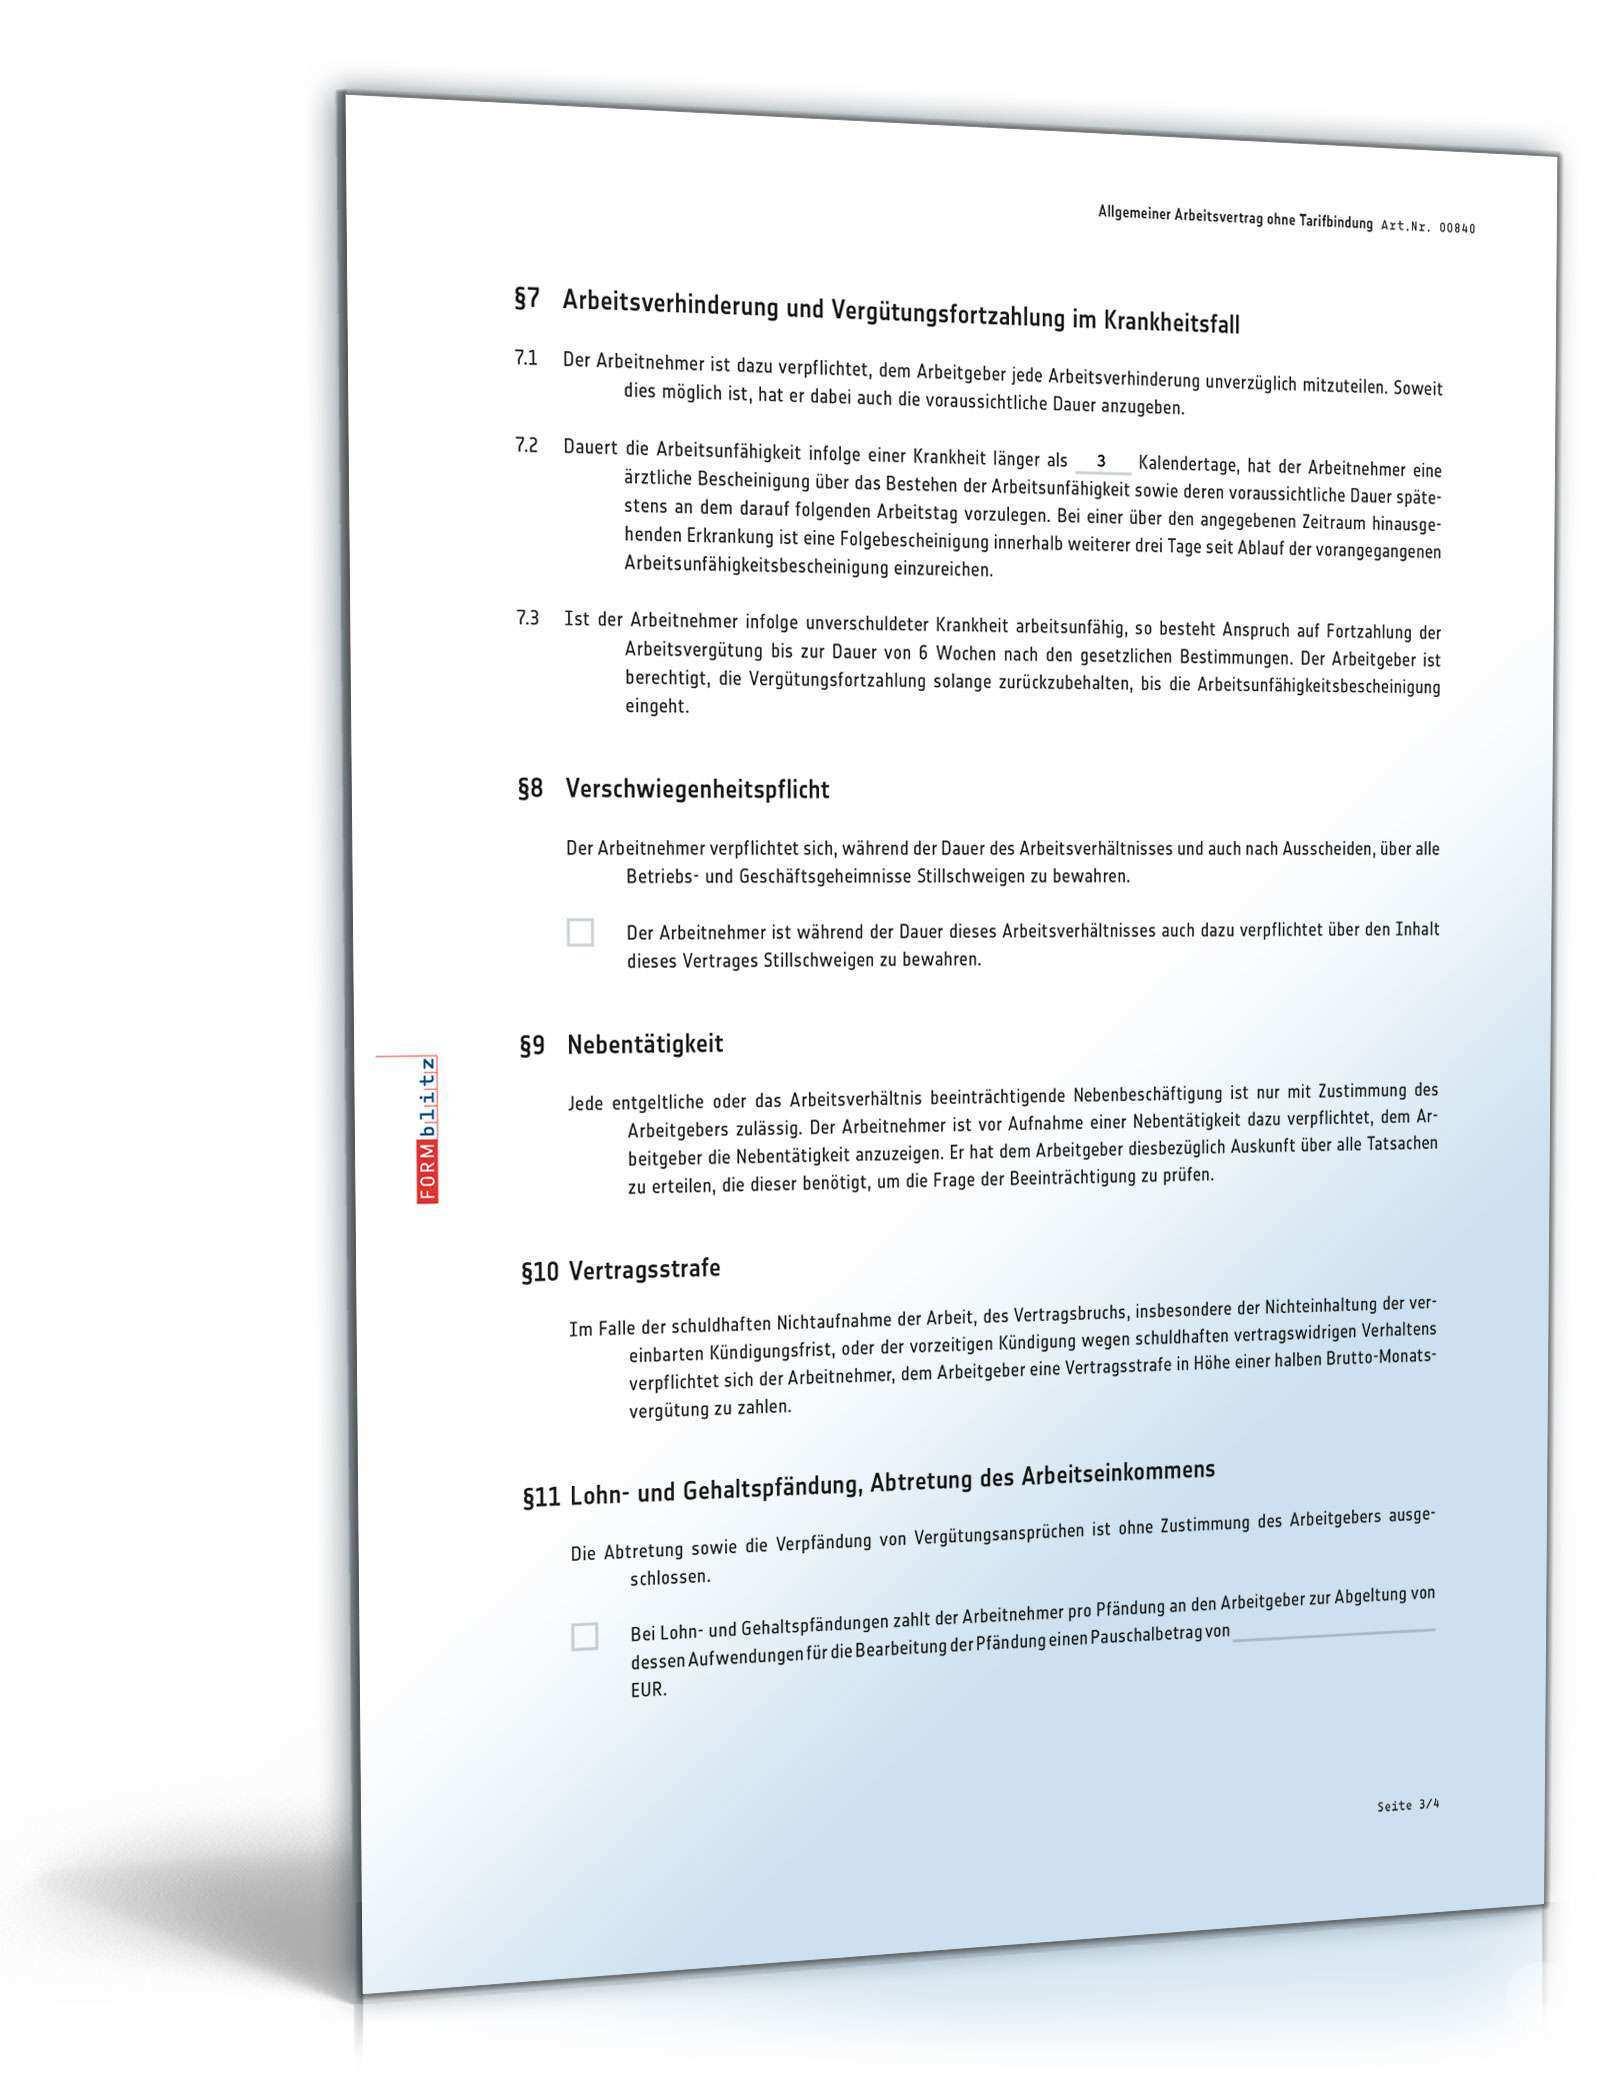 Arbeitsvertrag Muster Aktuelle Vorlage Zum Download